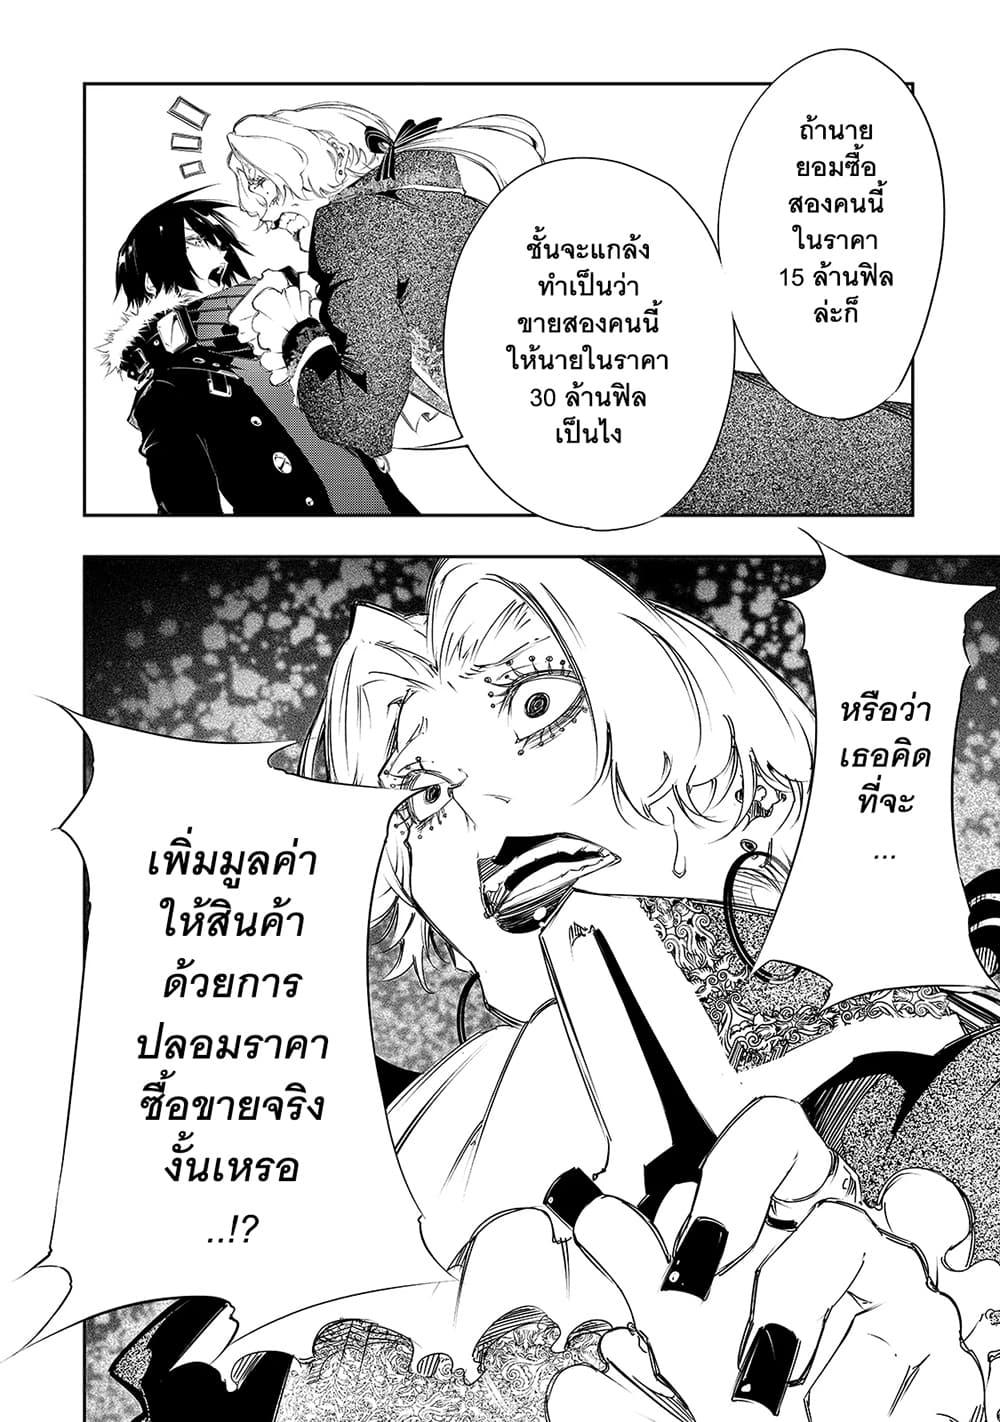 อ่านการ์ตูน Saikyou no Shien-shoku Wajutsushi Dearu Ore wa Sekai Saikyou Kuran o Shitagaeru ตอนที่ 7 หน้าที่ 13